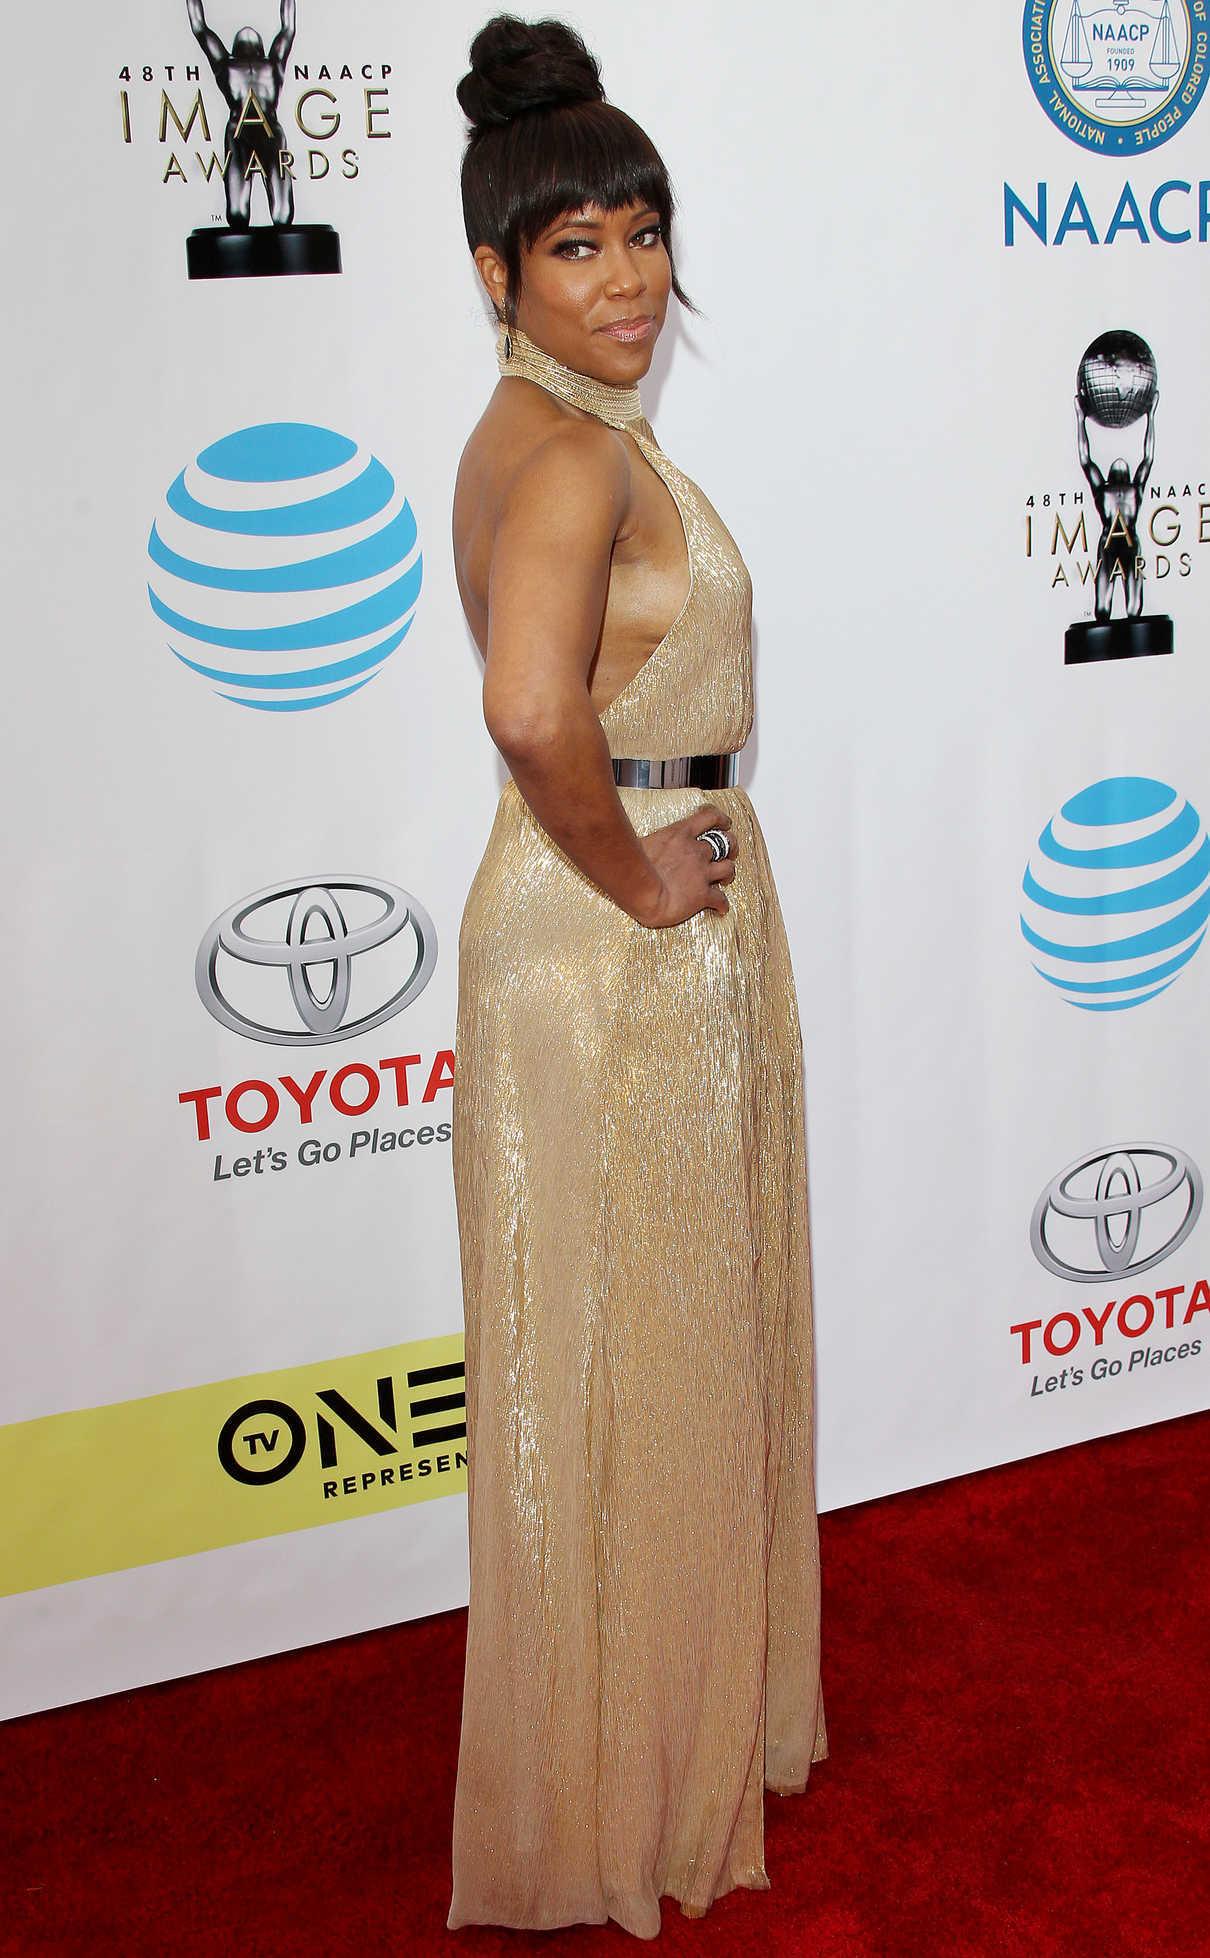 Regina King at the 48th NAACP Image Awards in Pasadena 02/11/2017-3